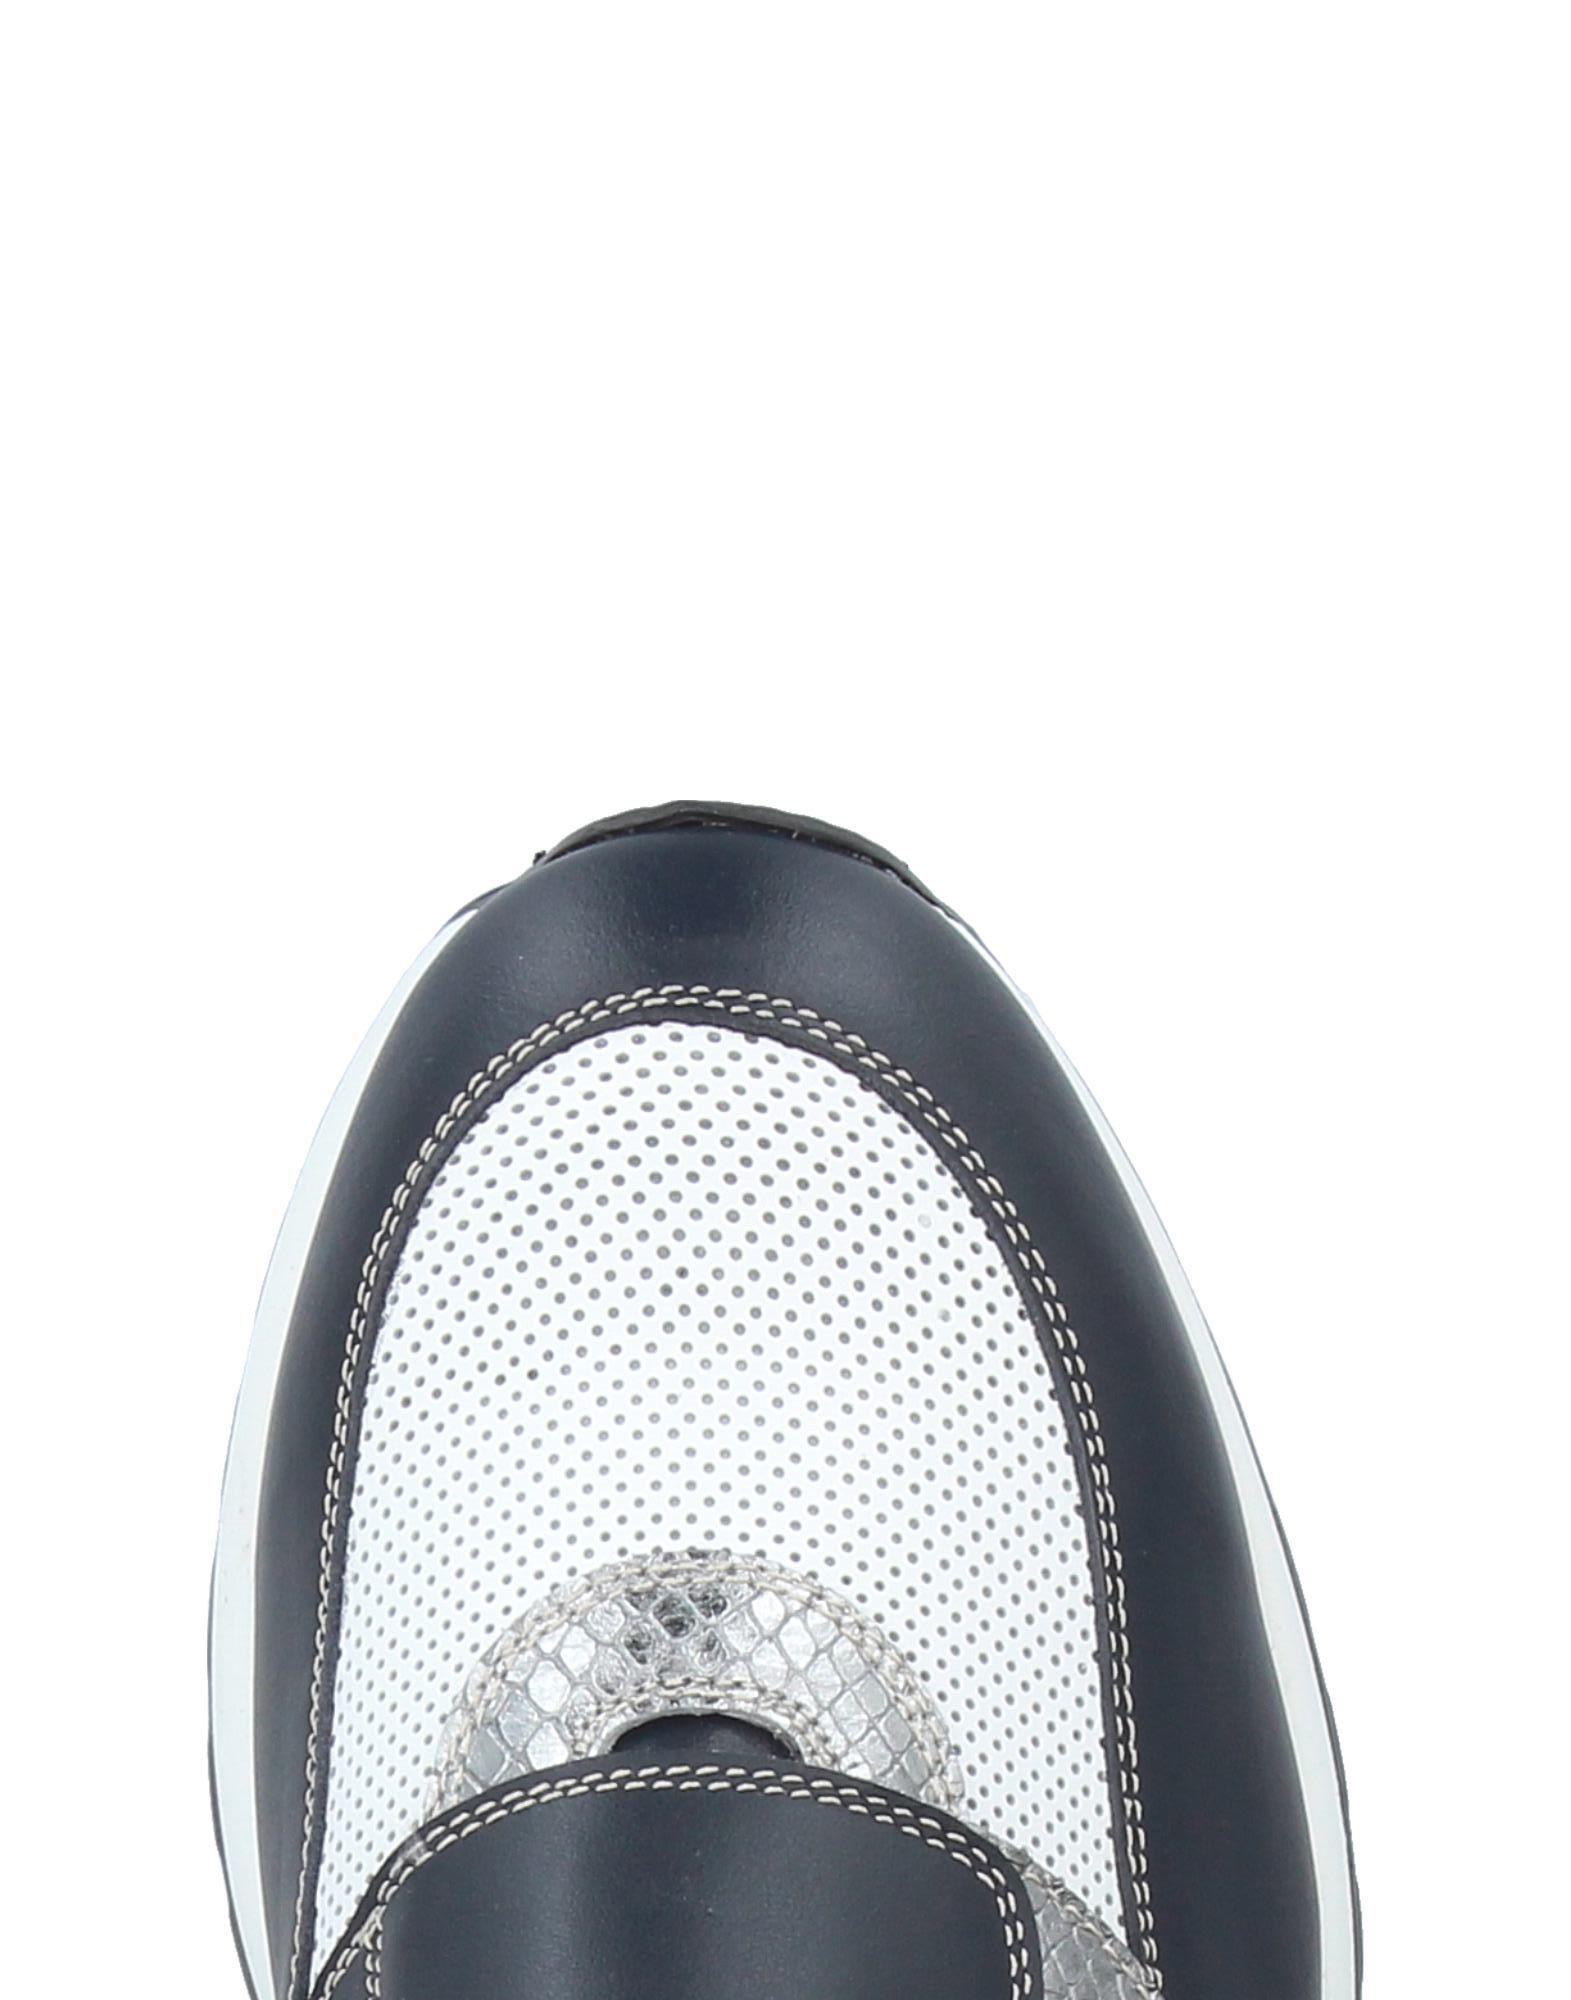 Gianfranco Lattanzi Sneakers Sneakers Lattanzi Herren  11385331QL Neue Schuhe 65eda5